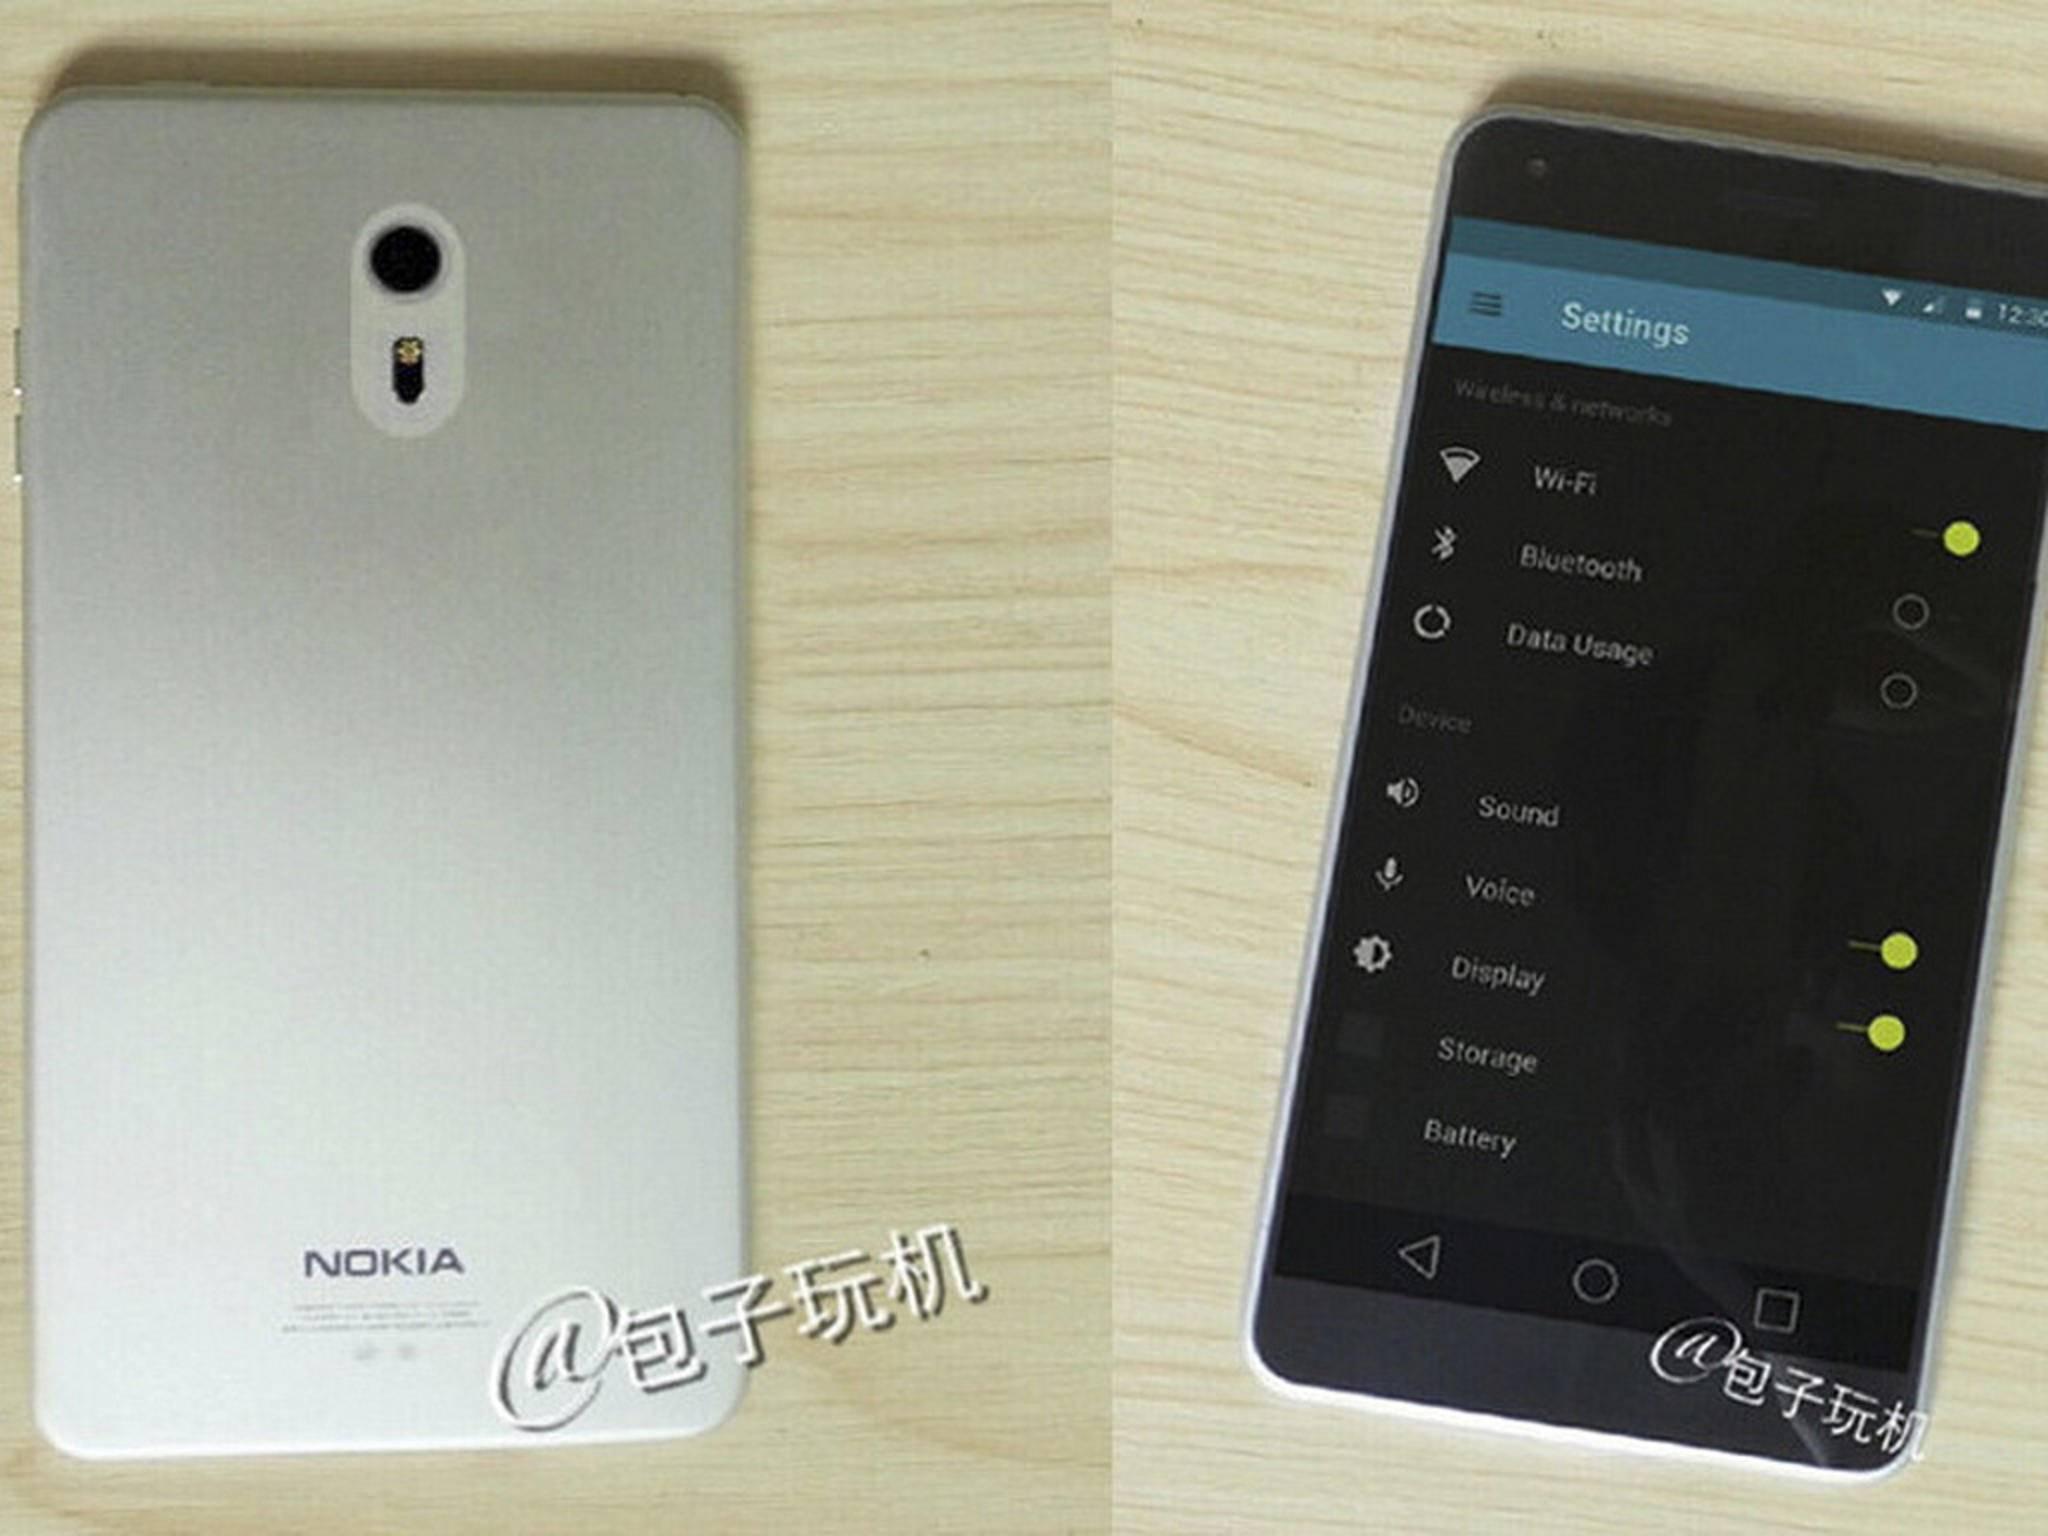 Arbeitet Nokia mit dem C1 wirklich an einem neuen Smartphone?